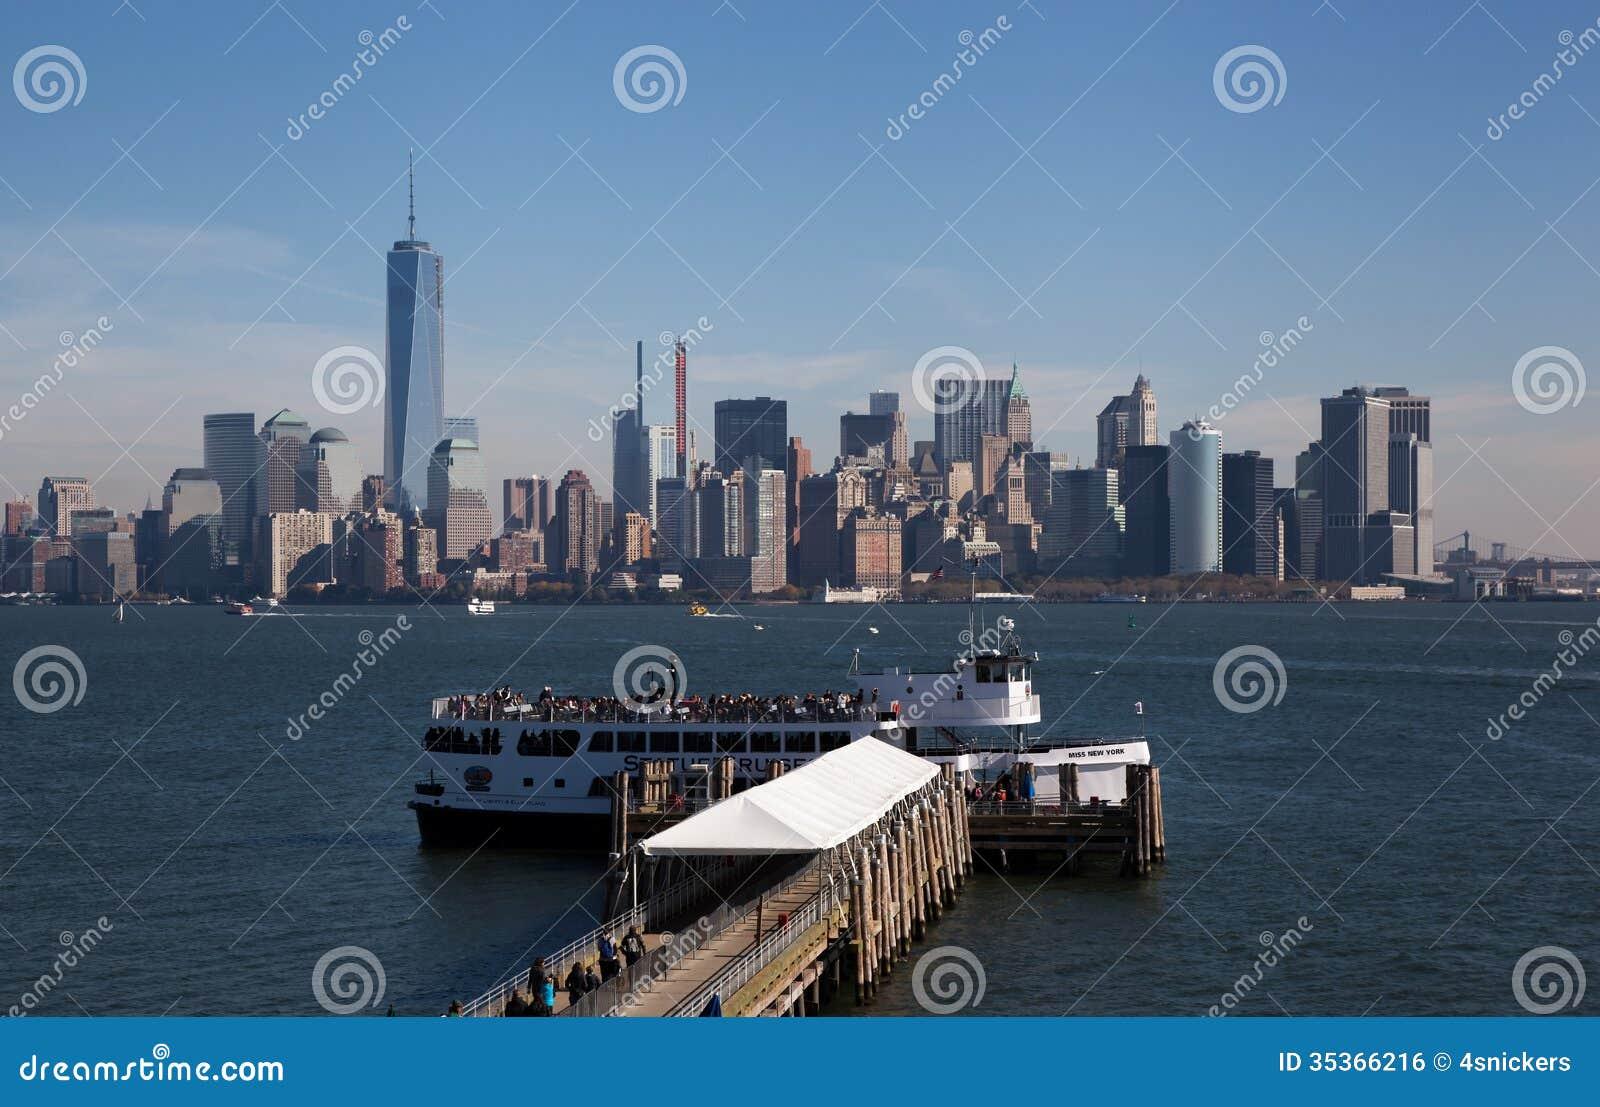 Terminal de balsa na estátua da liberdade com fundo de NYC